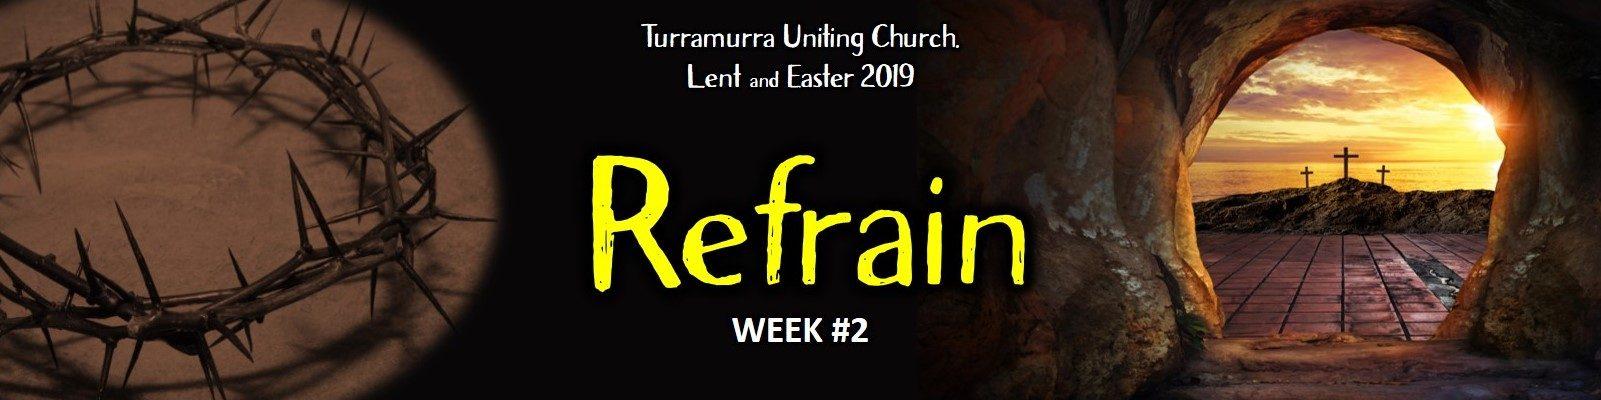 Lent #2 - Refrain Sermon Handout